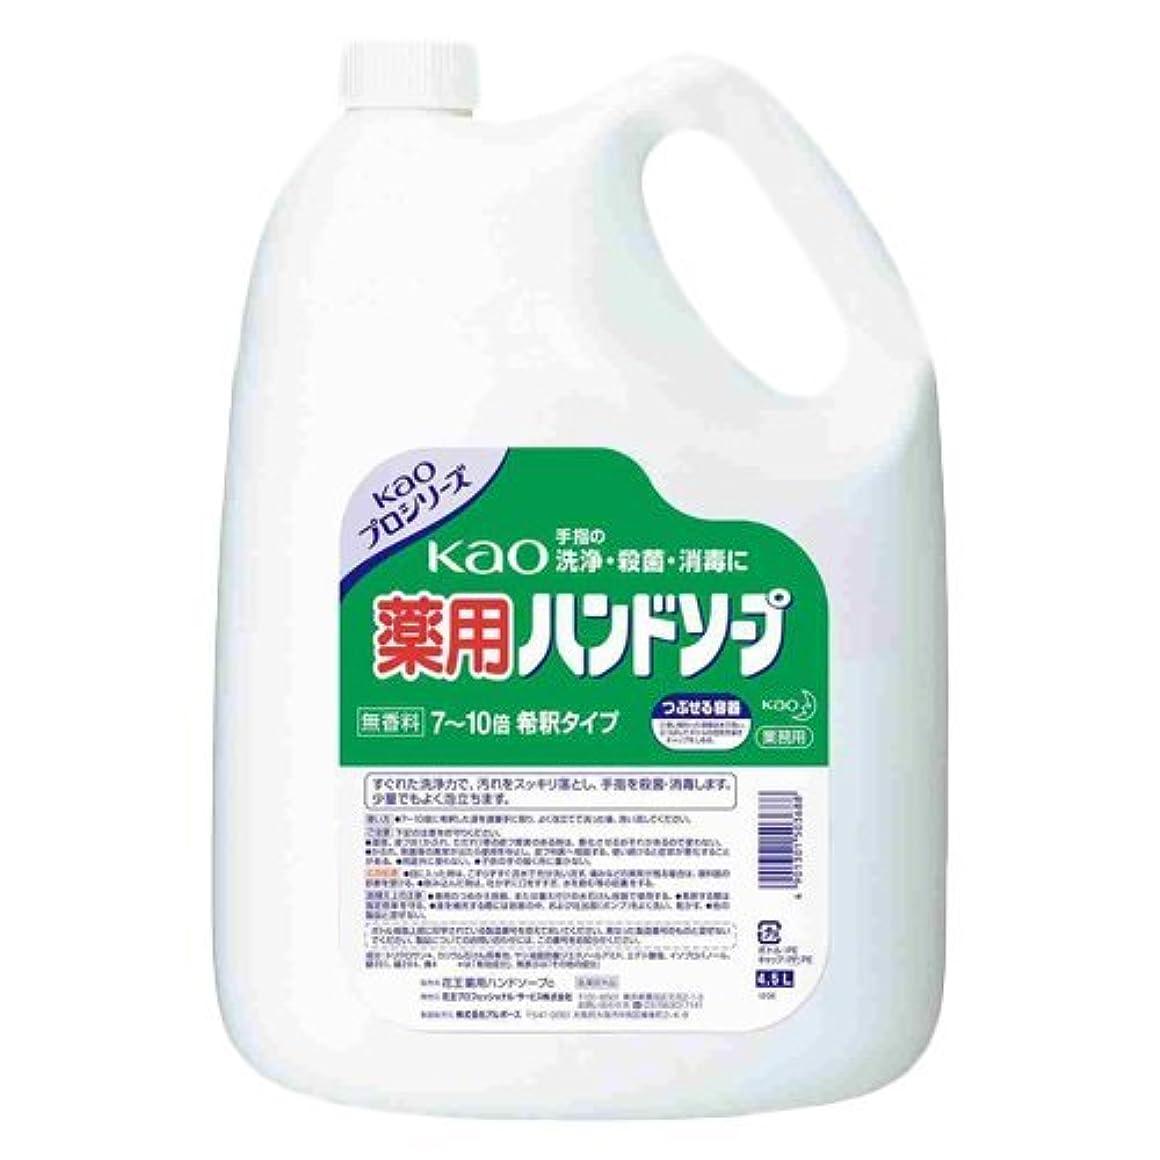 ハンサム男やもめ空中花王 薬用ハンドソープ 4.5L 梱販売用